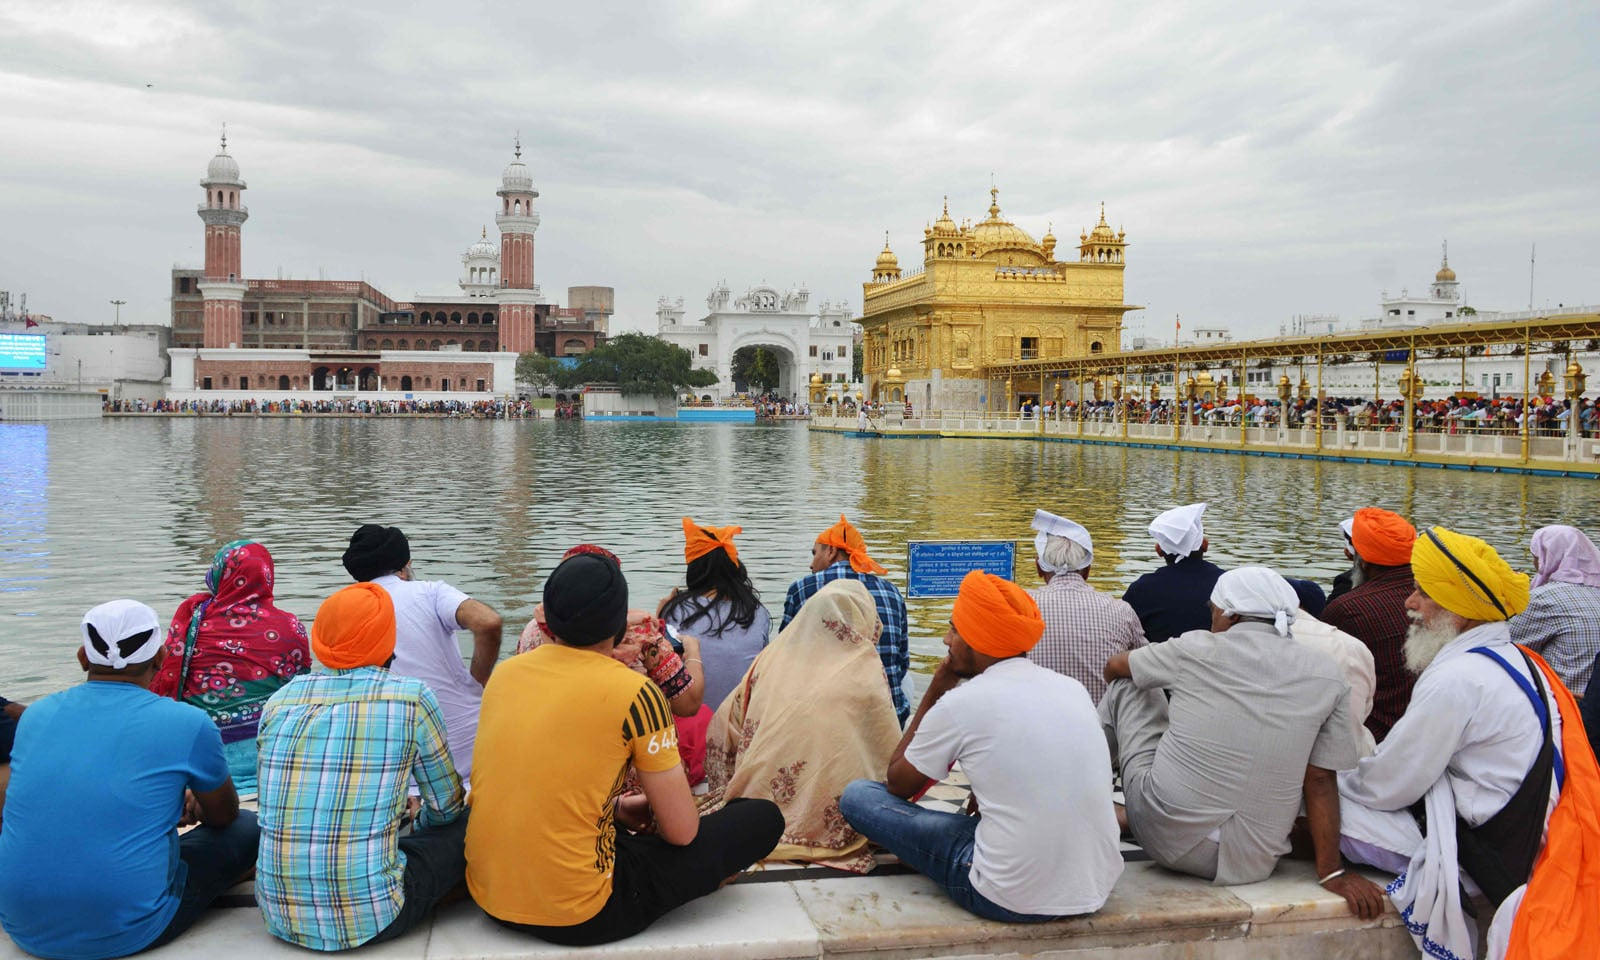 سکھ اس تہوار کے حوالہ سے مذہبی رسومات ادا کرنے کے لیے ہر سال ہندوستان اور دُنیا بھر سے پاکستان آتے ہیں اور اس سال بھی سکھ مذہب کی تین چار سویں خالصہ جنم دن (بیساکھی) کی تقریبات میں شرکت کےلۓ گوردوارہ پنجہ صاحب حسن ابدال میں موجود ہیں—فوٹو: اے پی